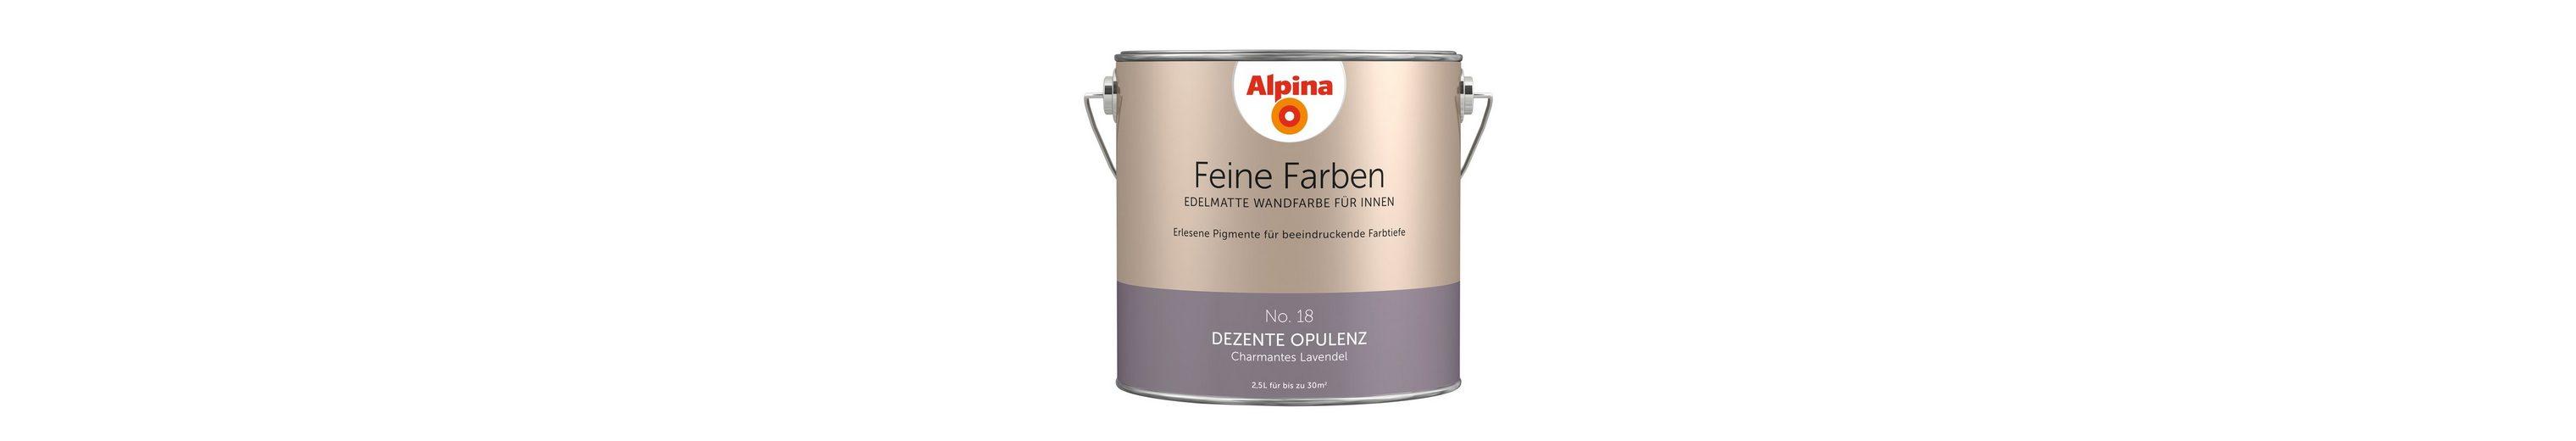 Feine Farben »Dezente Opulenz«